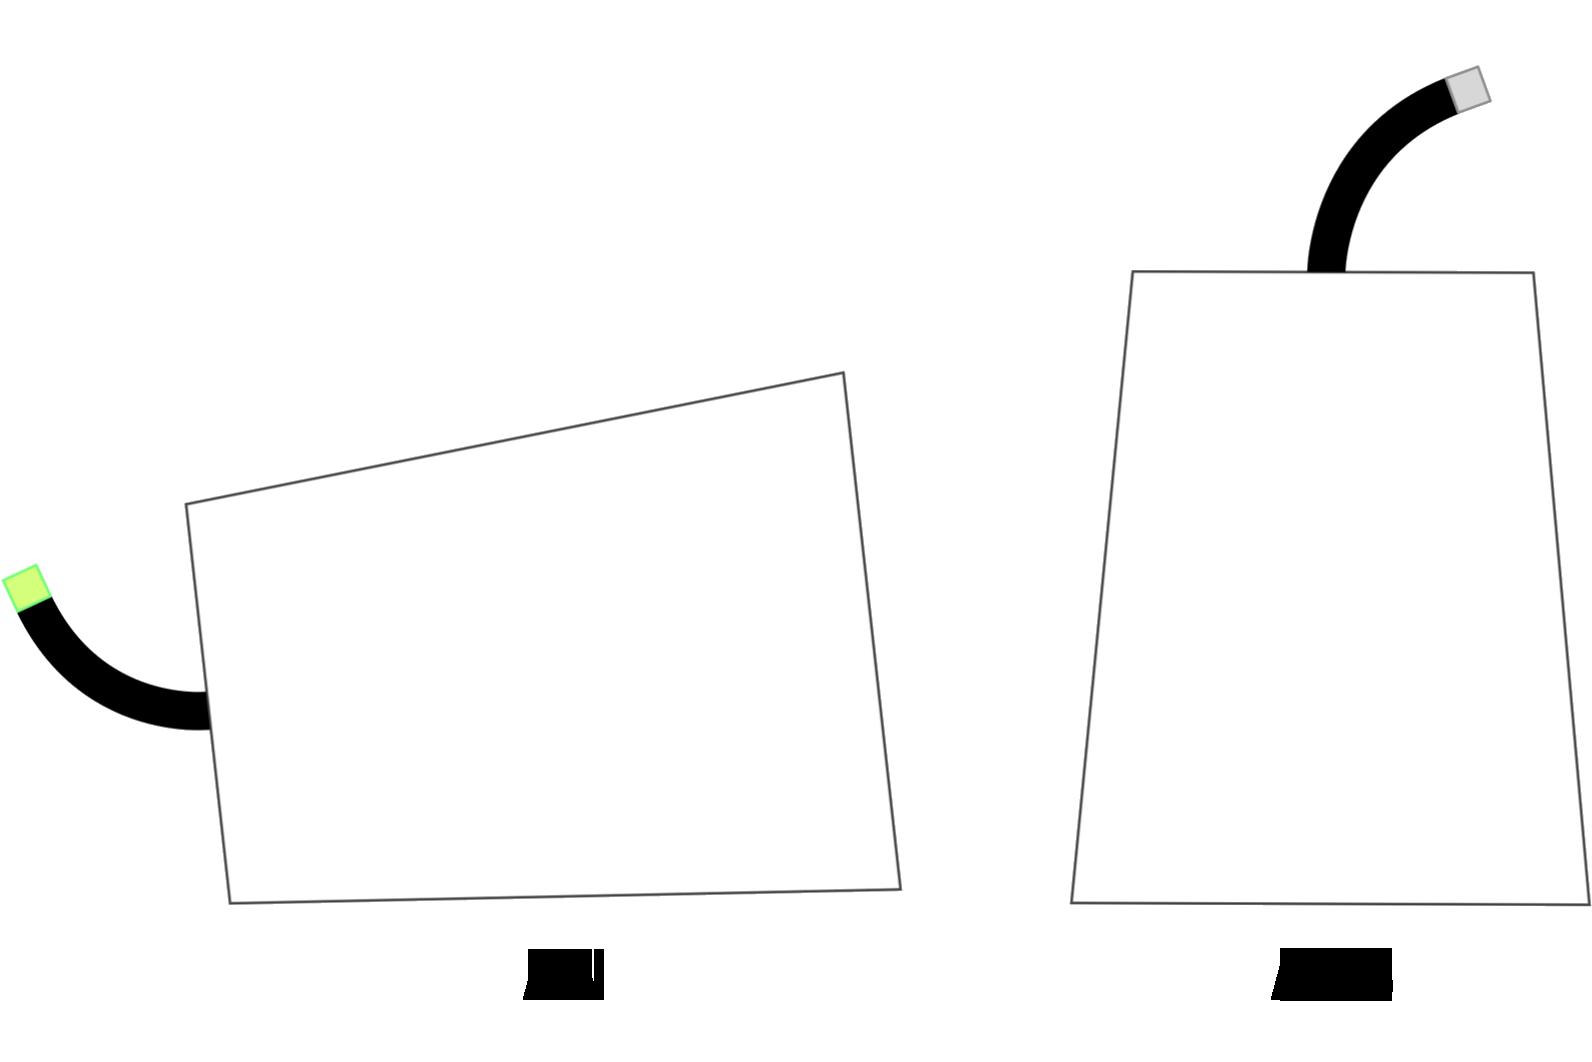 Schemenhafte Darstellung zeigt, dass man teamfunk ausschalten kann indem man die Dose auf den Kopf stellt